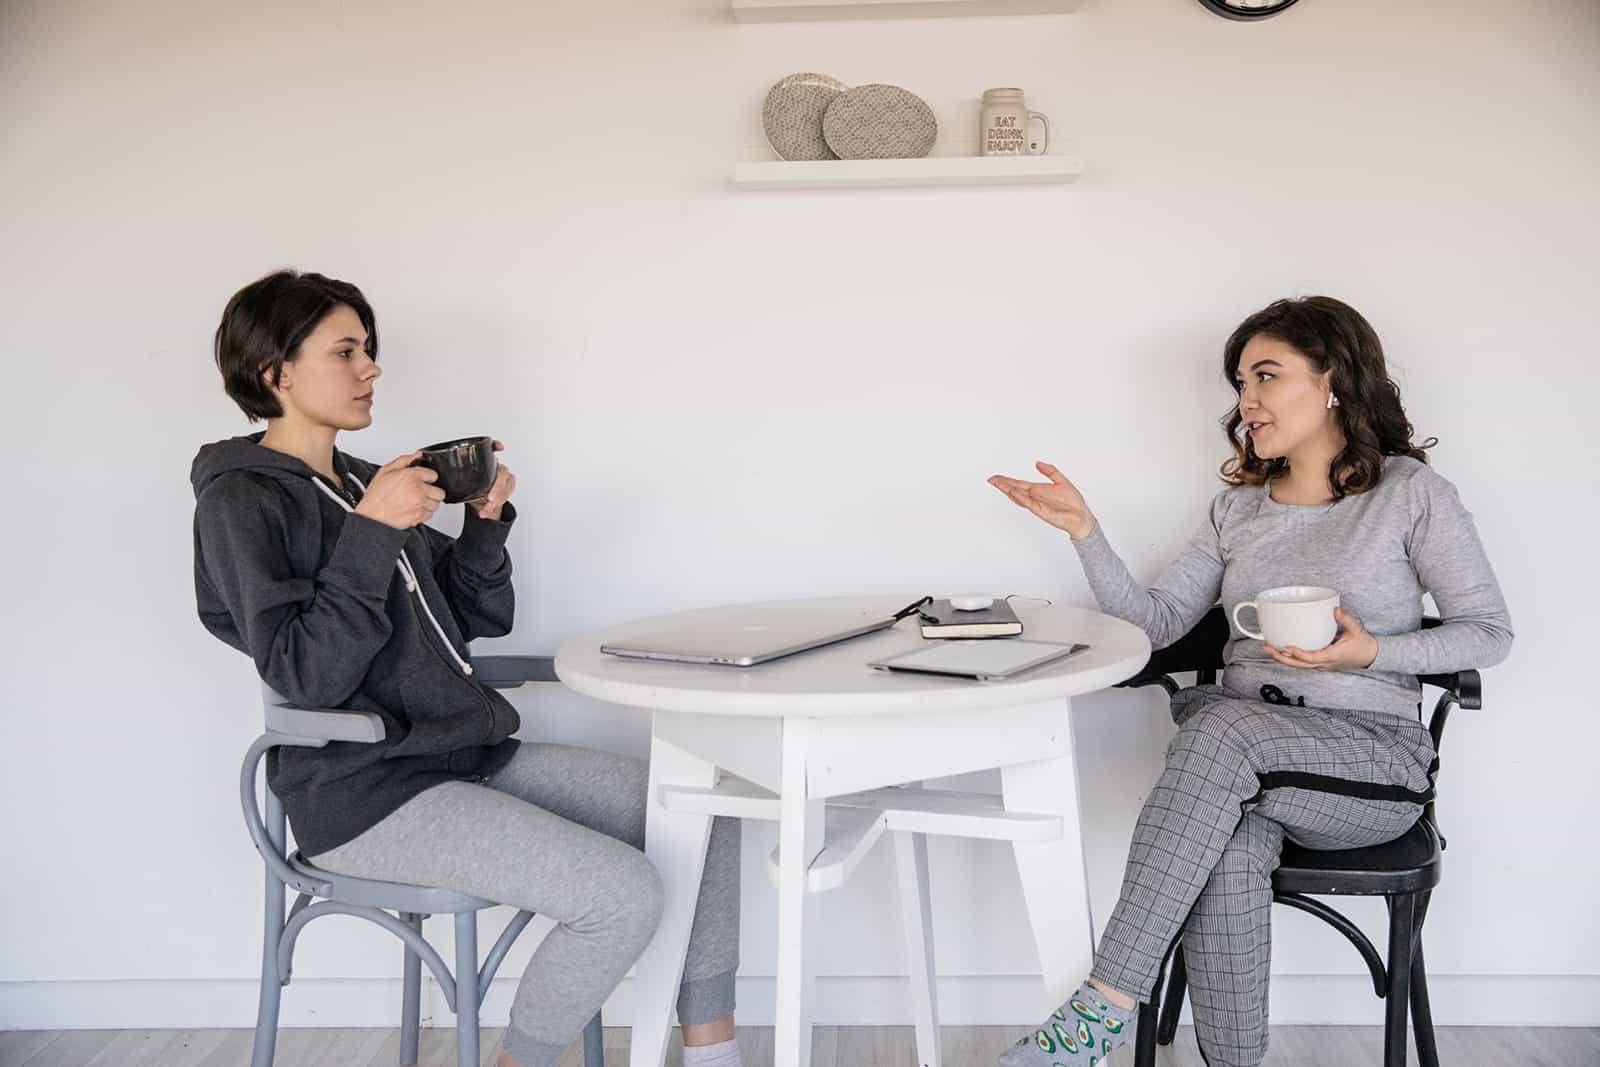 ernsthafte Frau, die einer Freundin zuhört, die mit ihr spricht, während sie zusammen Kaffee trinkt